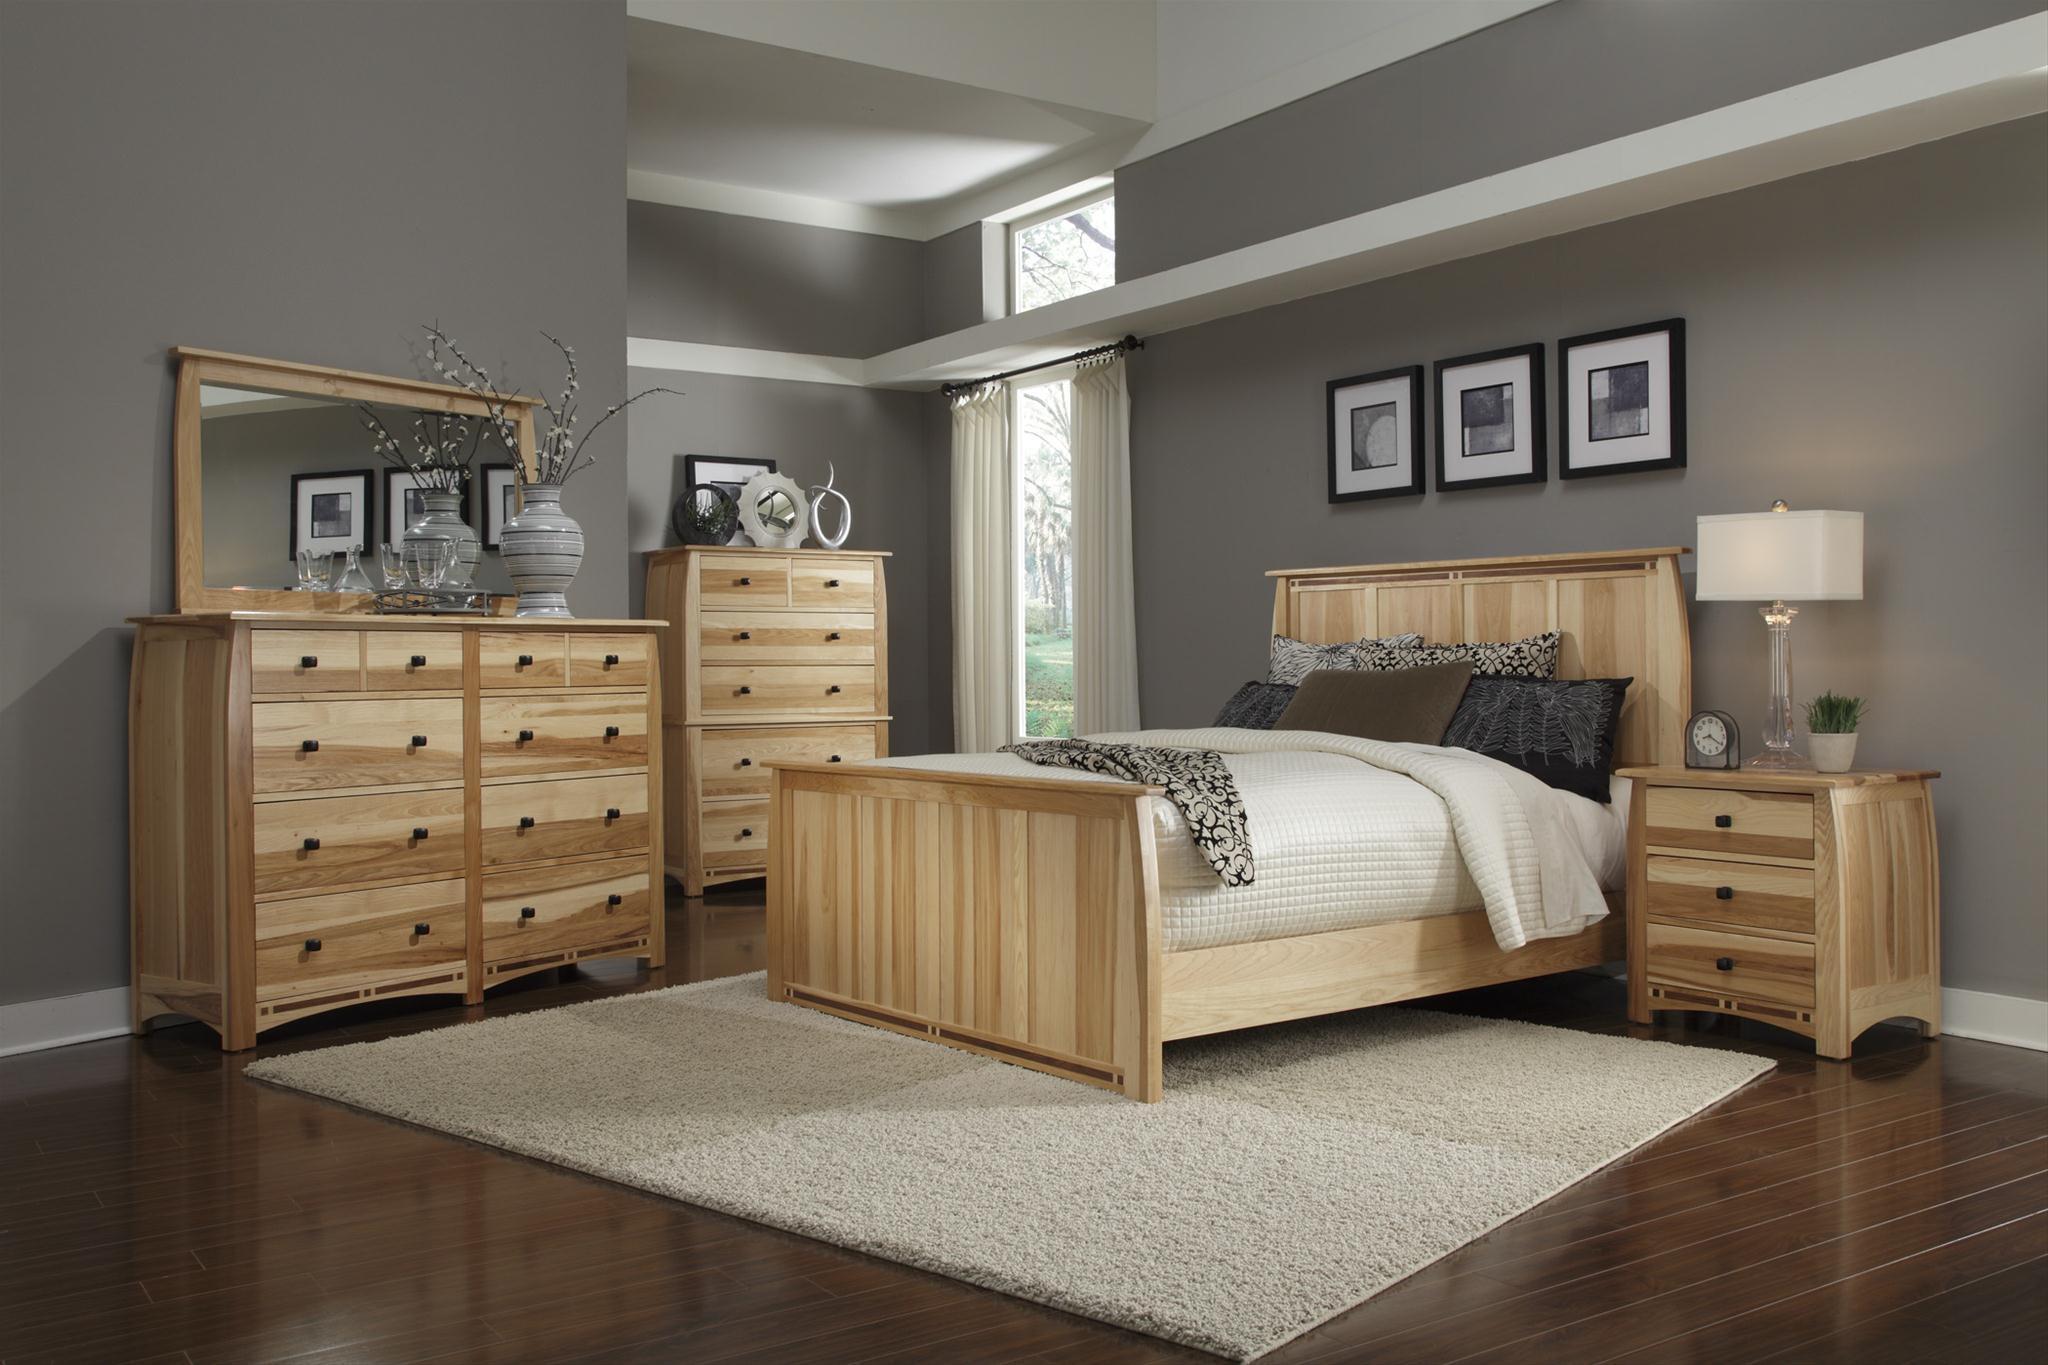 AAmerica Allentown 4-Piece Queen Bedroom Group - Item Number: ADA-NT-50-55-75-Q07